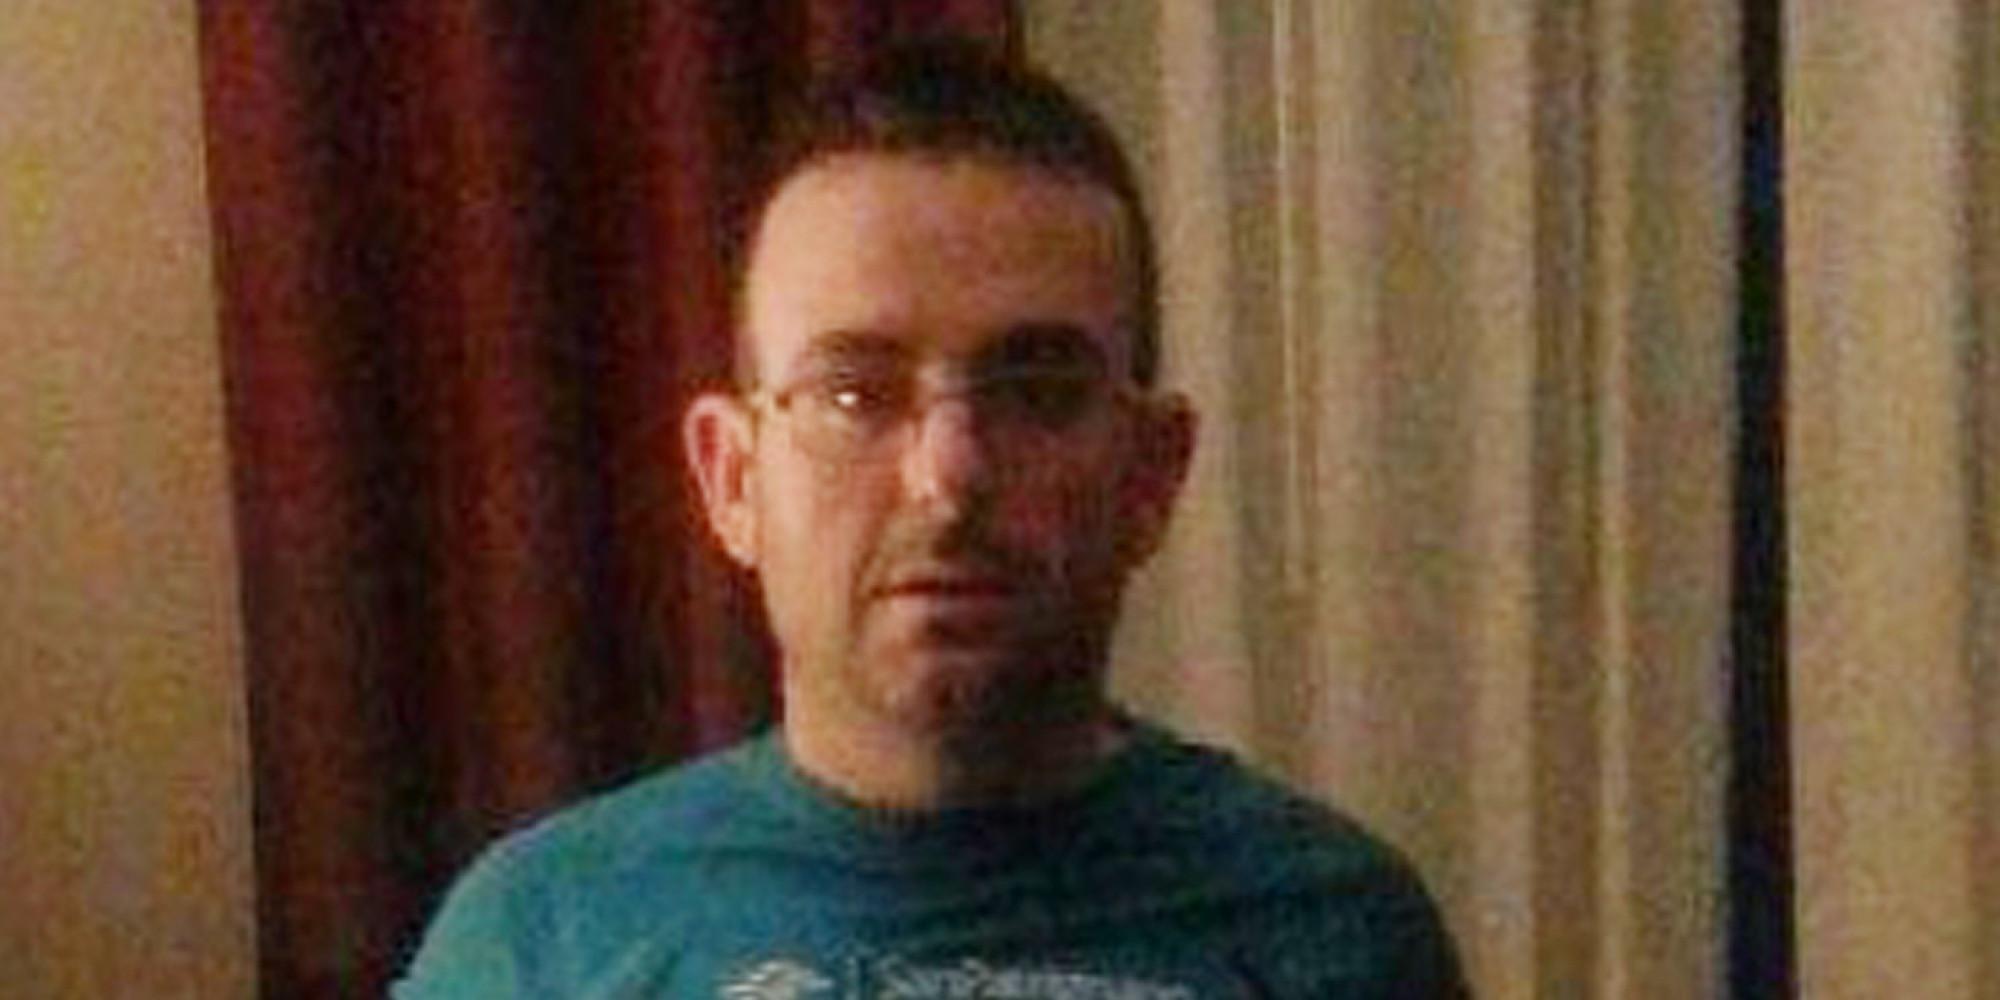 Gian Claudio Marengo, scomparso dopo la maratona di New York, è stato ritrovato a Manhattan - o-GIAN-CLAUDIO-MARENGO-facebook